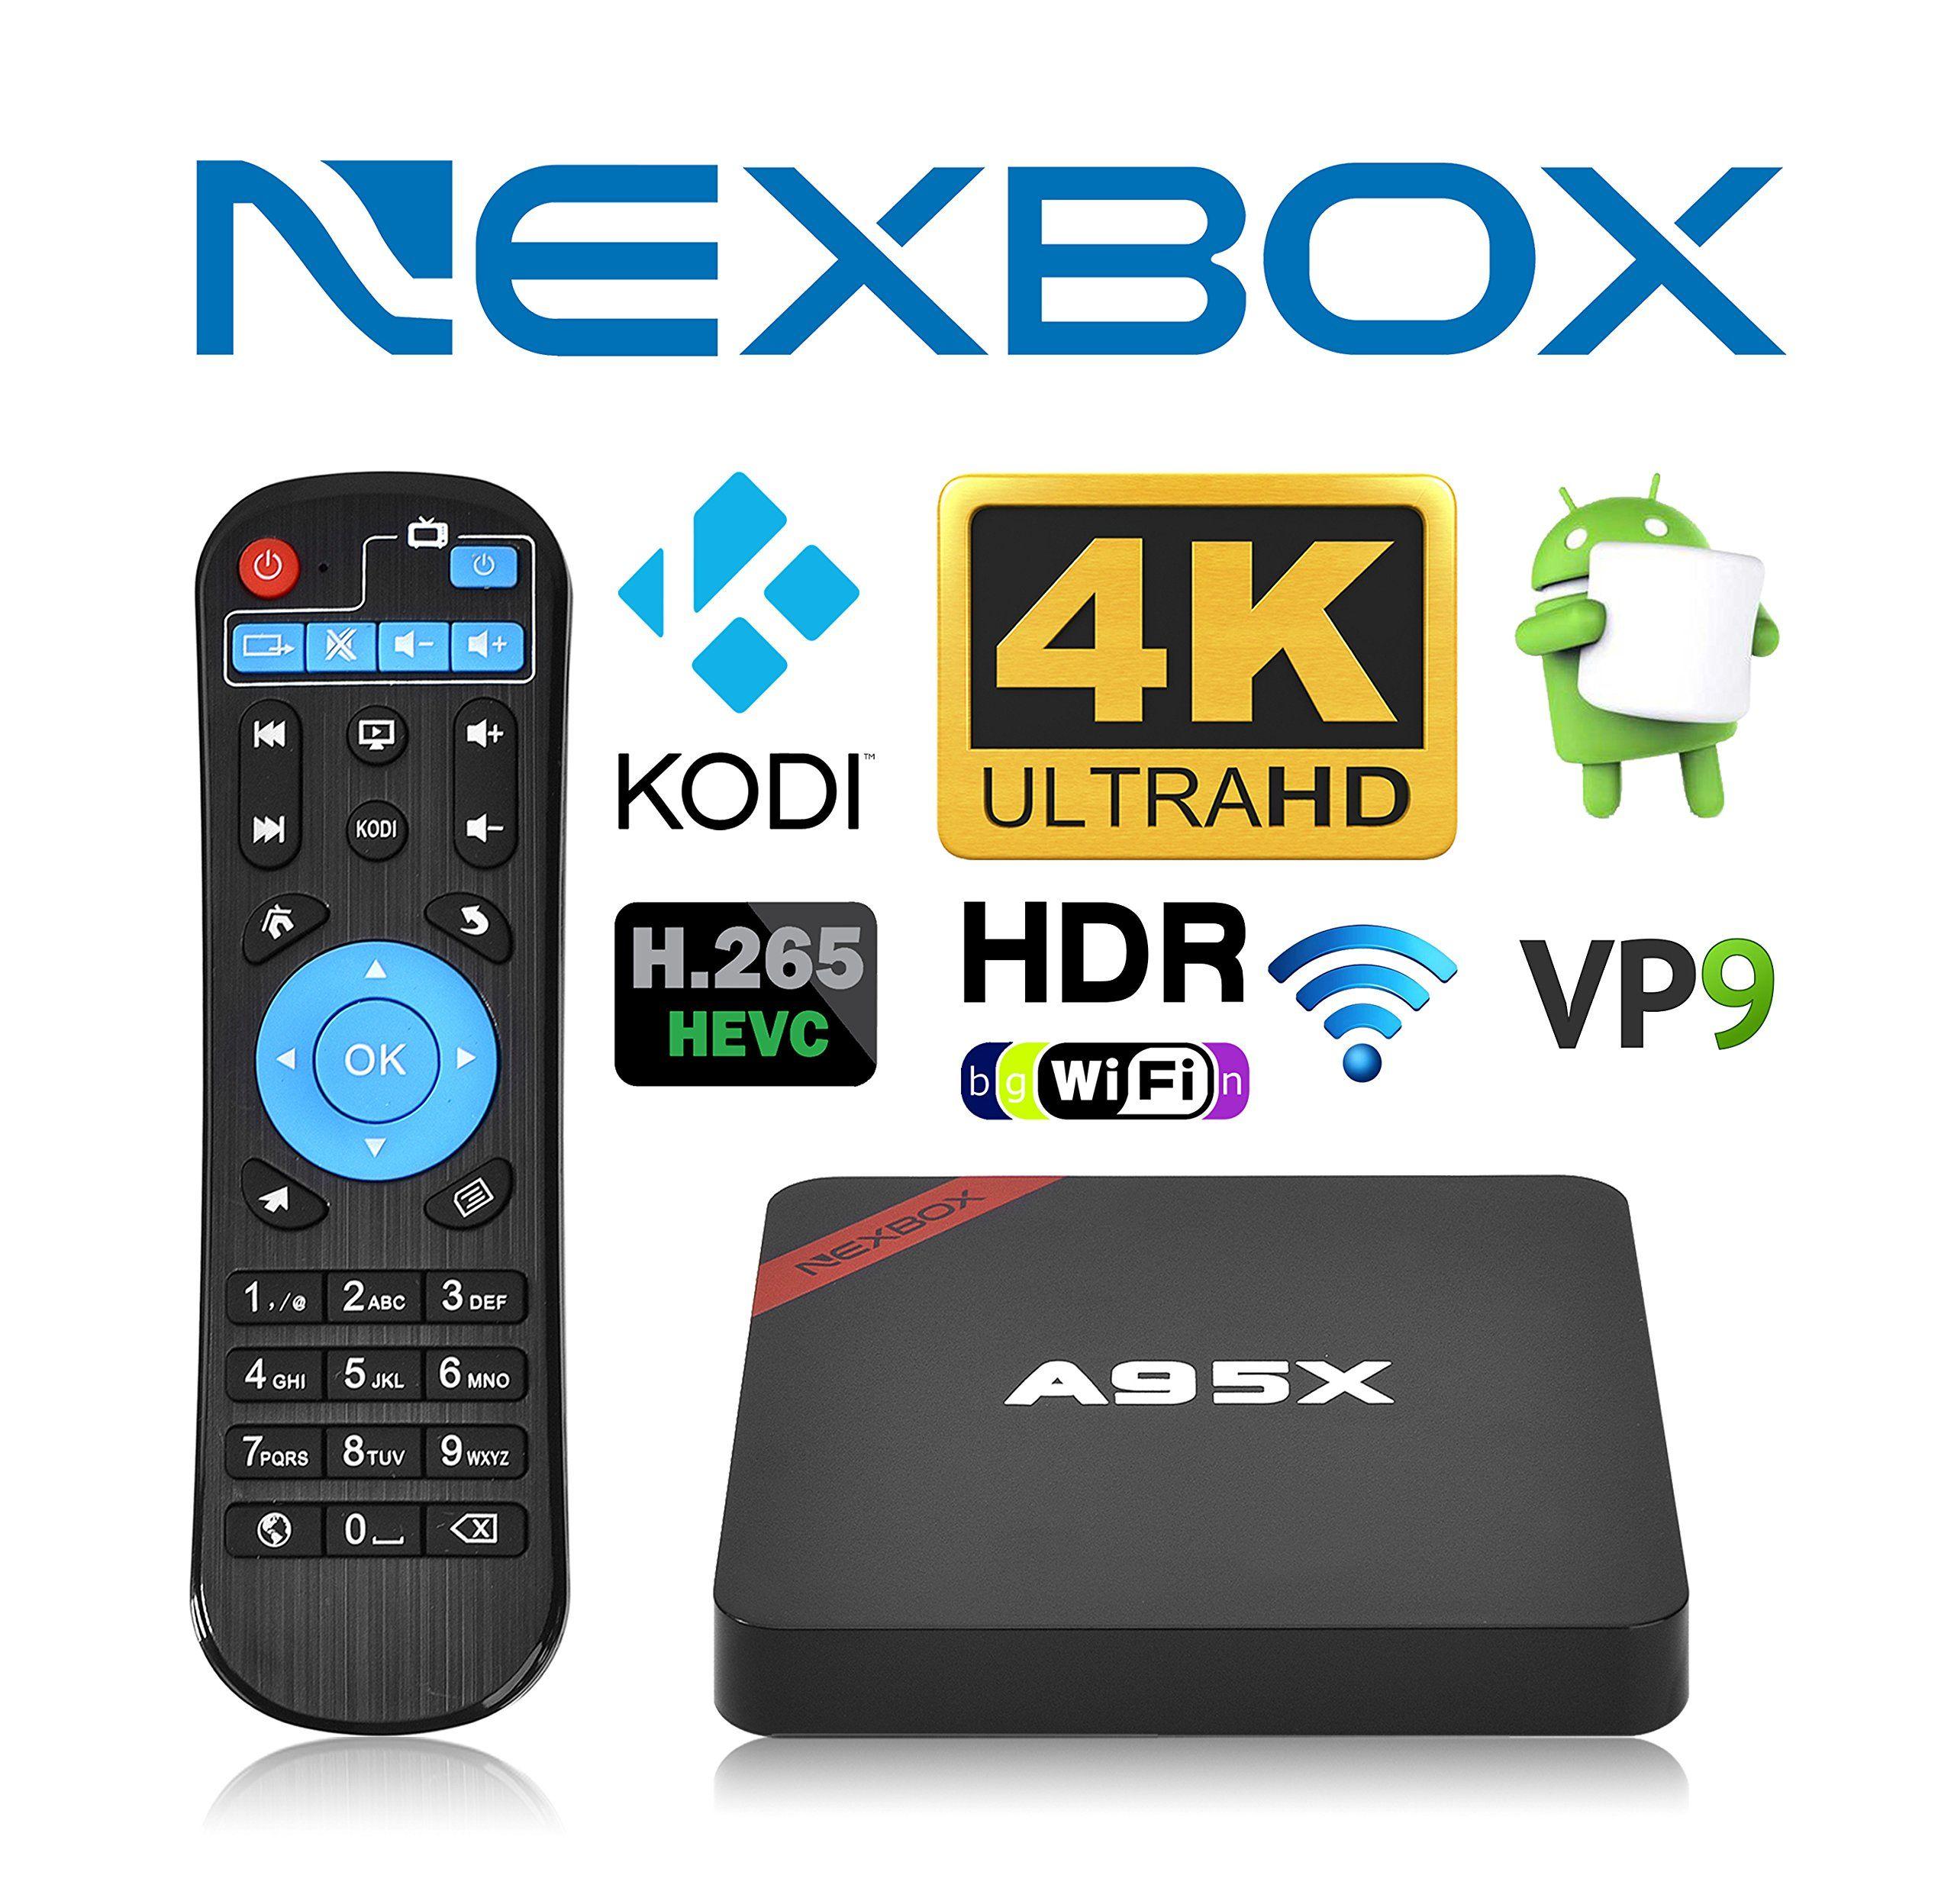 NEXBOX A95X Pro 1GB 8GB Android 6 0 TV Box S905X Quad-Core 4K HDR